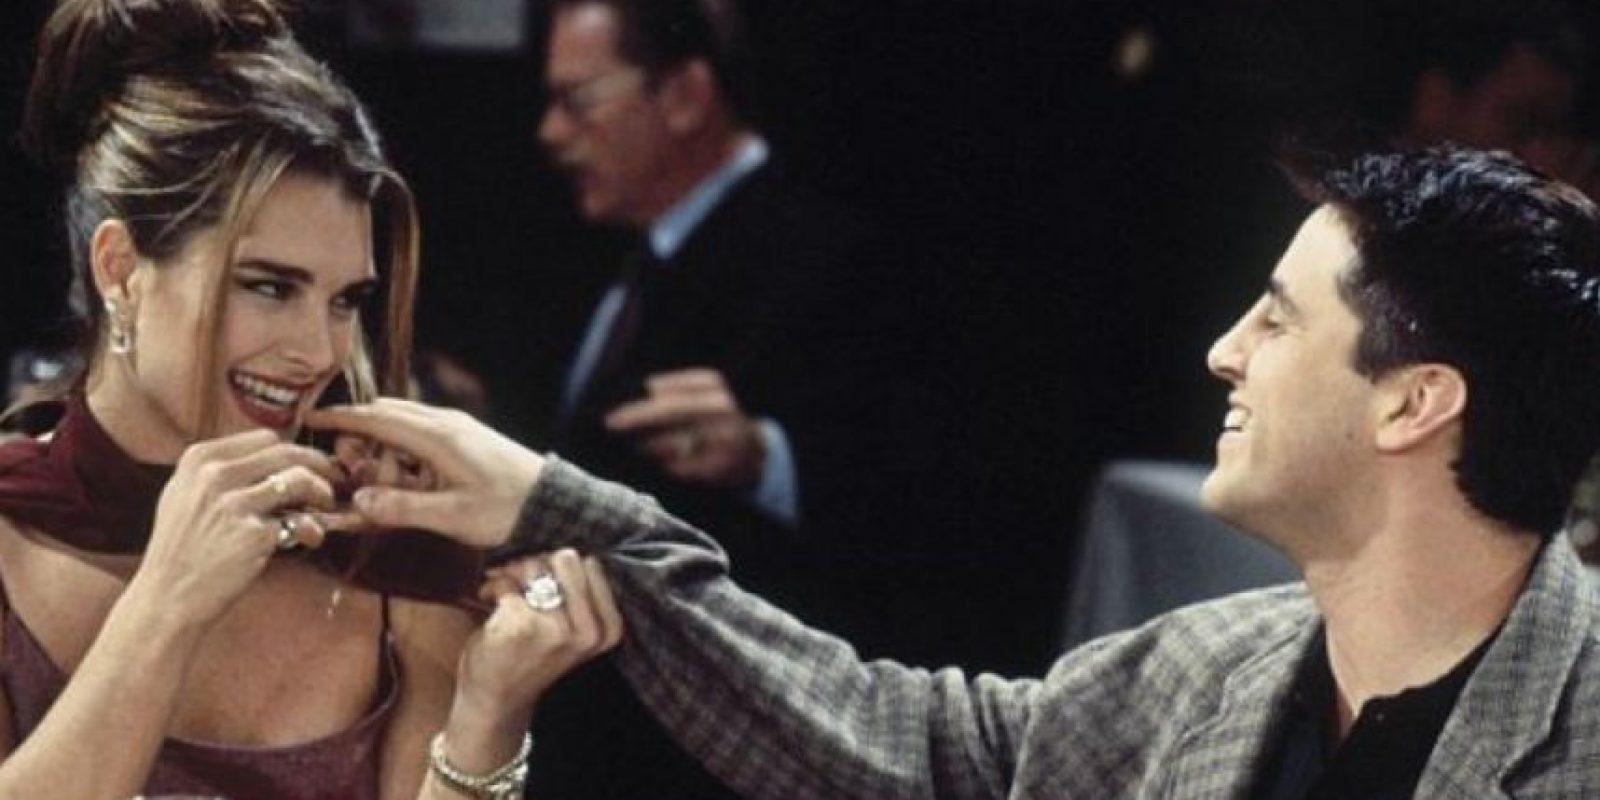 La escena que desató la furia de Agassi Foto:NBC vía IMDB